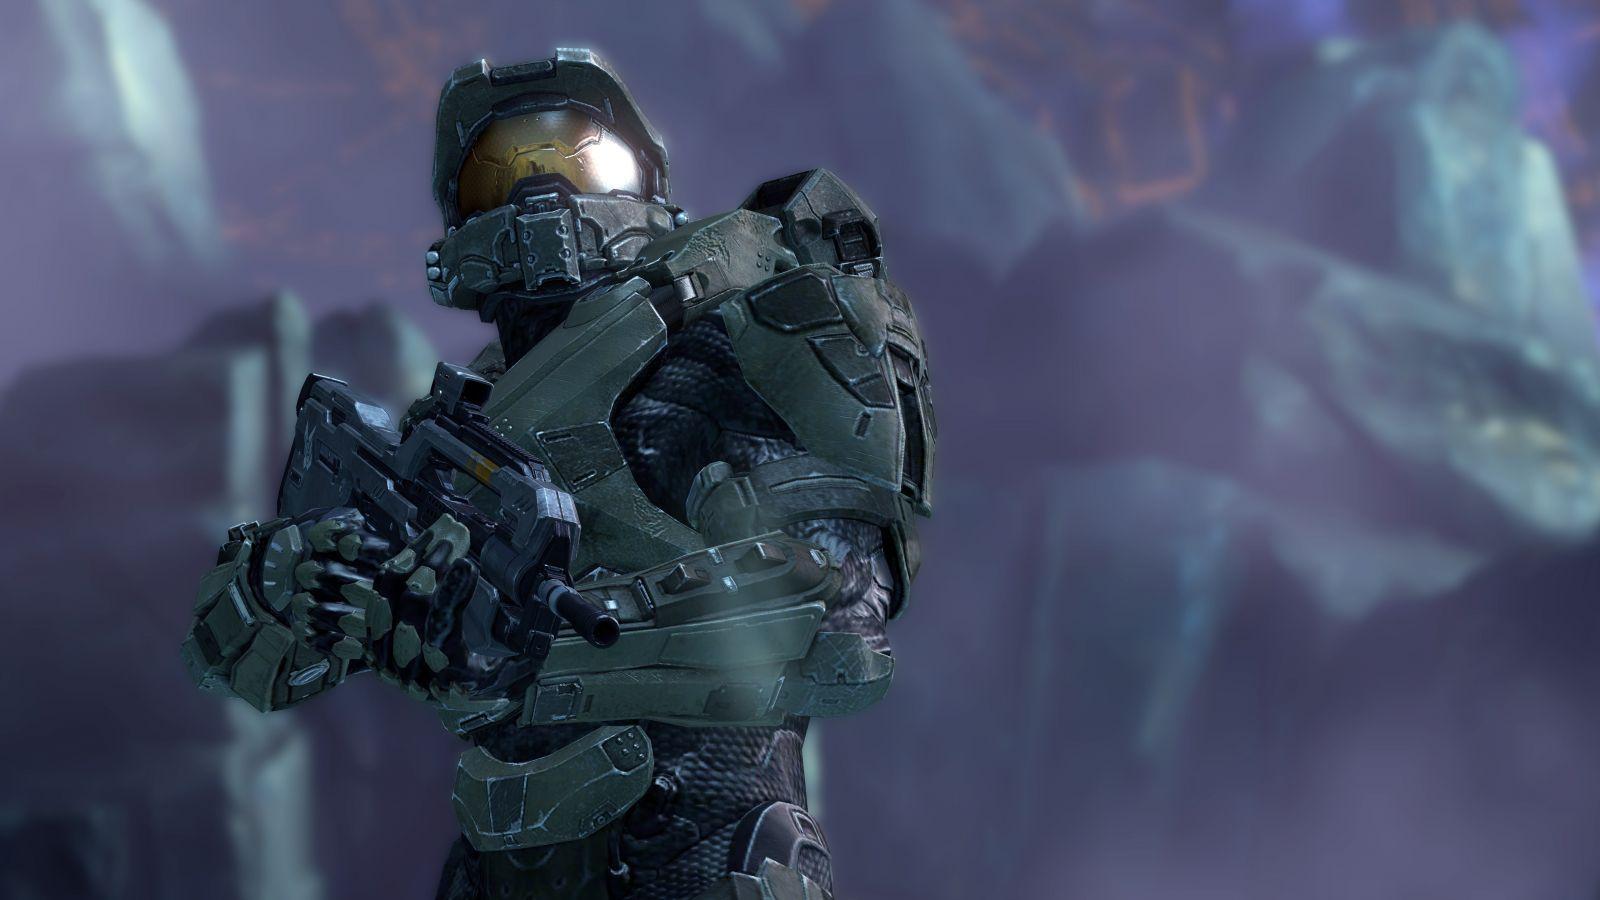 Nové obrázky z Halo 4 a lákání vývojářů na grafiku 61508